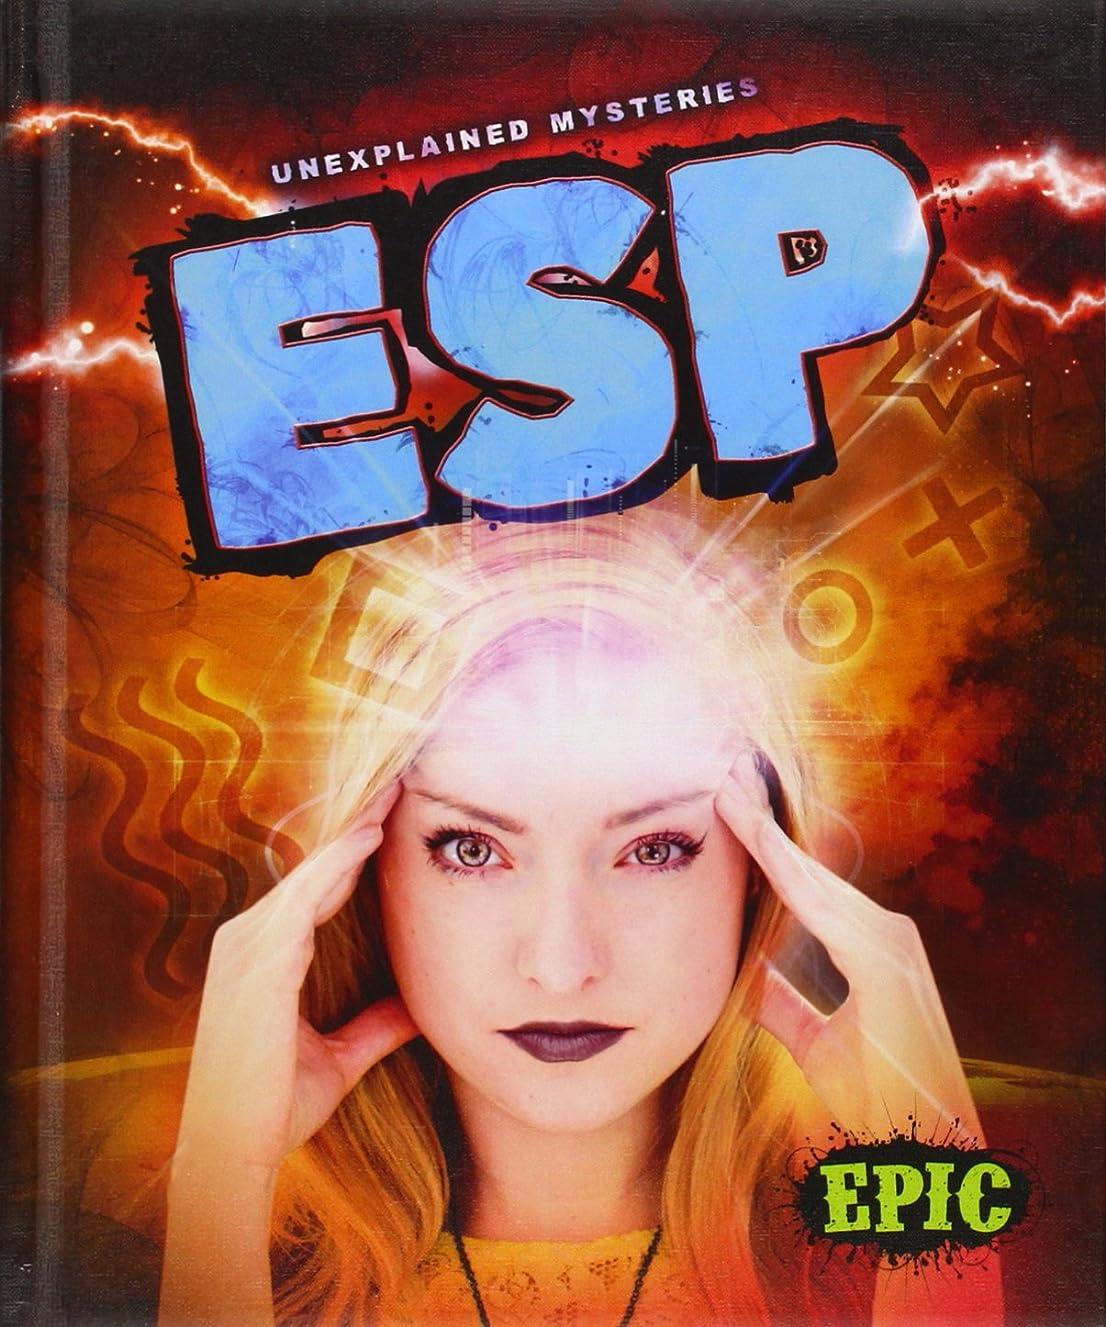 ESP (Unexplained Mysteries)